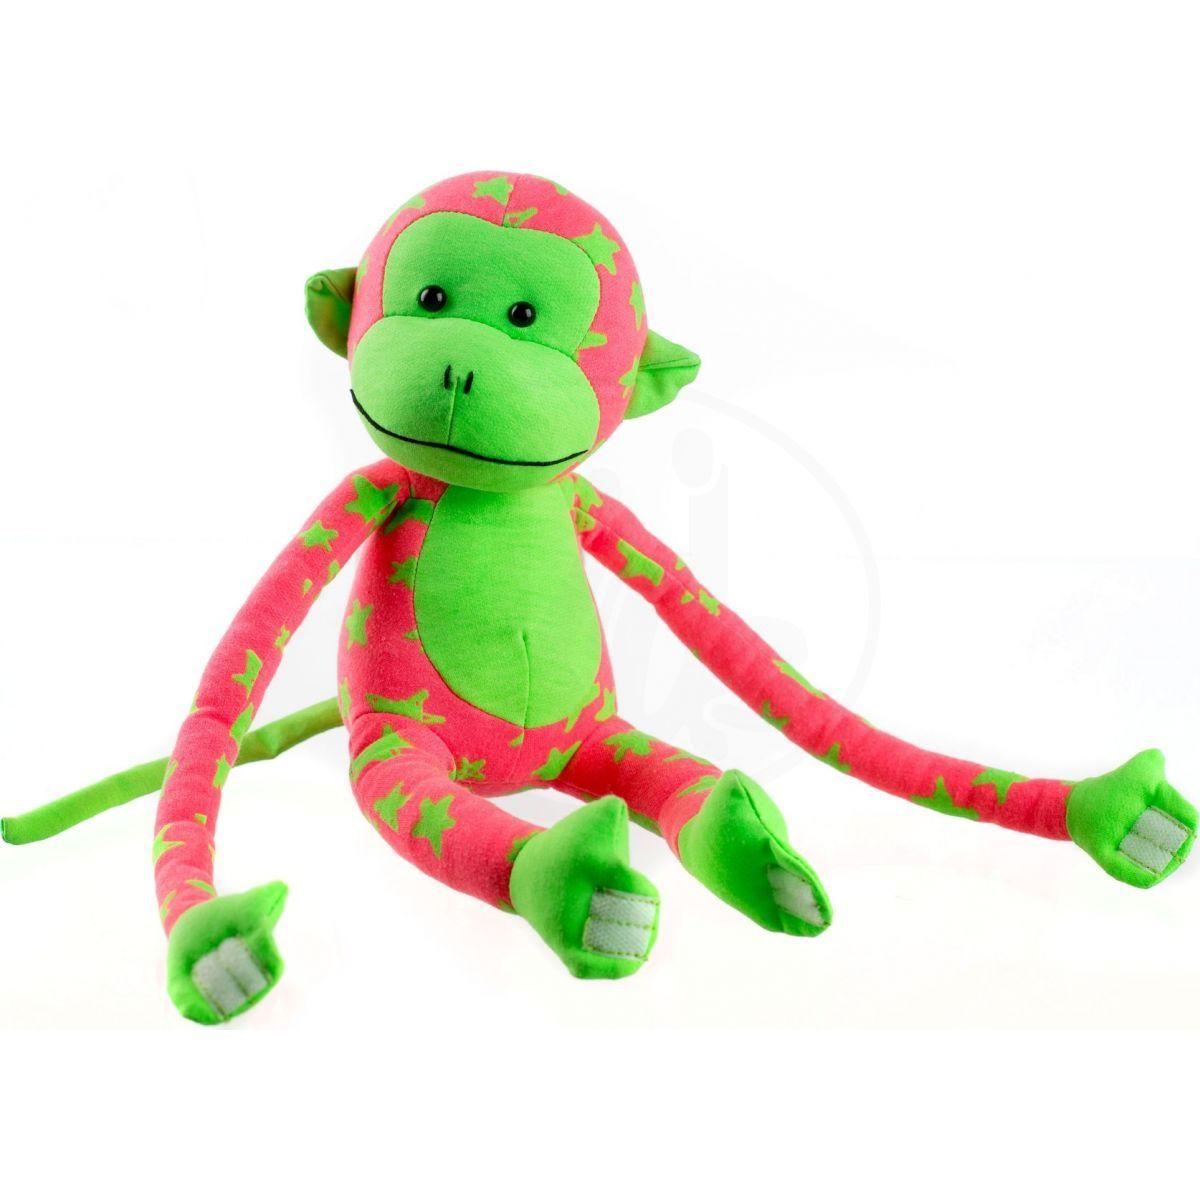 Plyšová opice svítící ve tmě růžovozelená